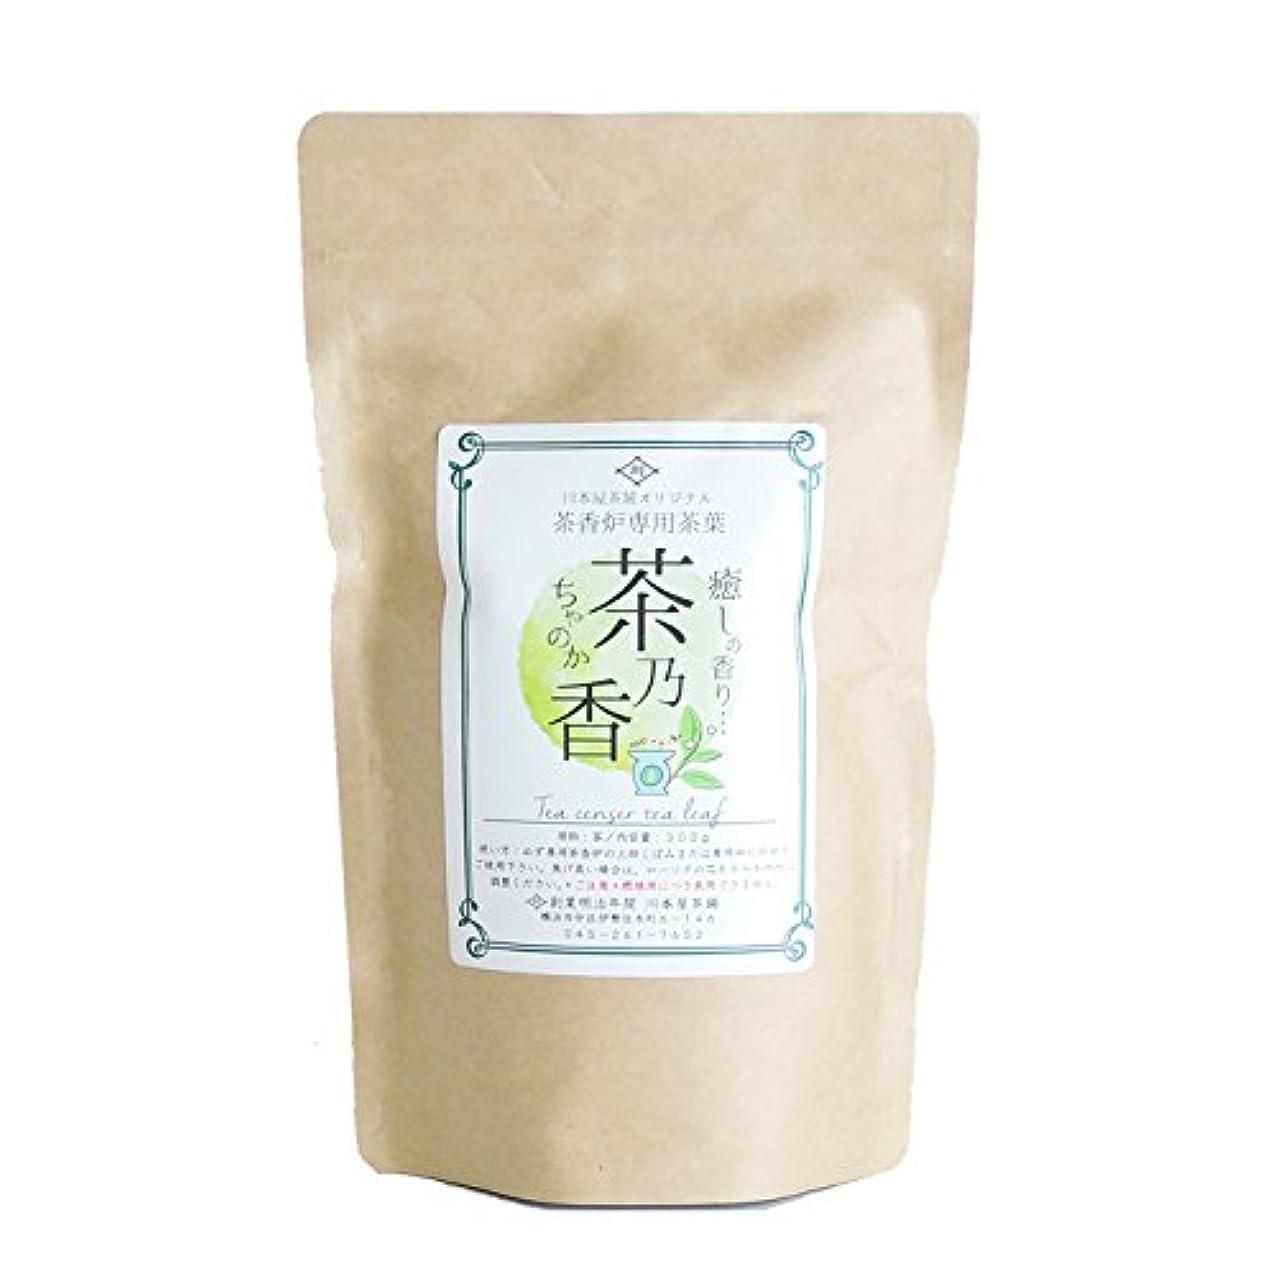 ゲスト徐々に注入国産 茶香炉専用 茶葉 「茶乃香」300g 川本屋茶舗